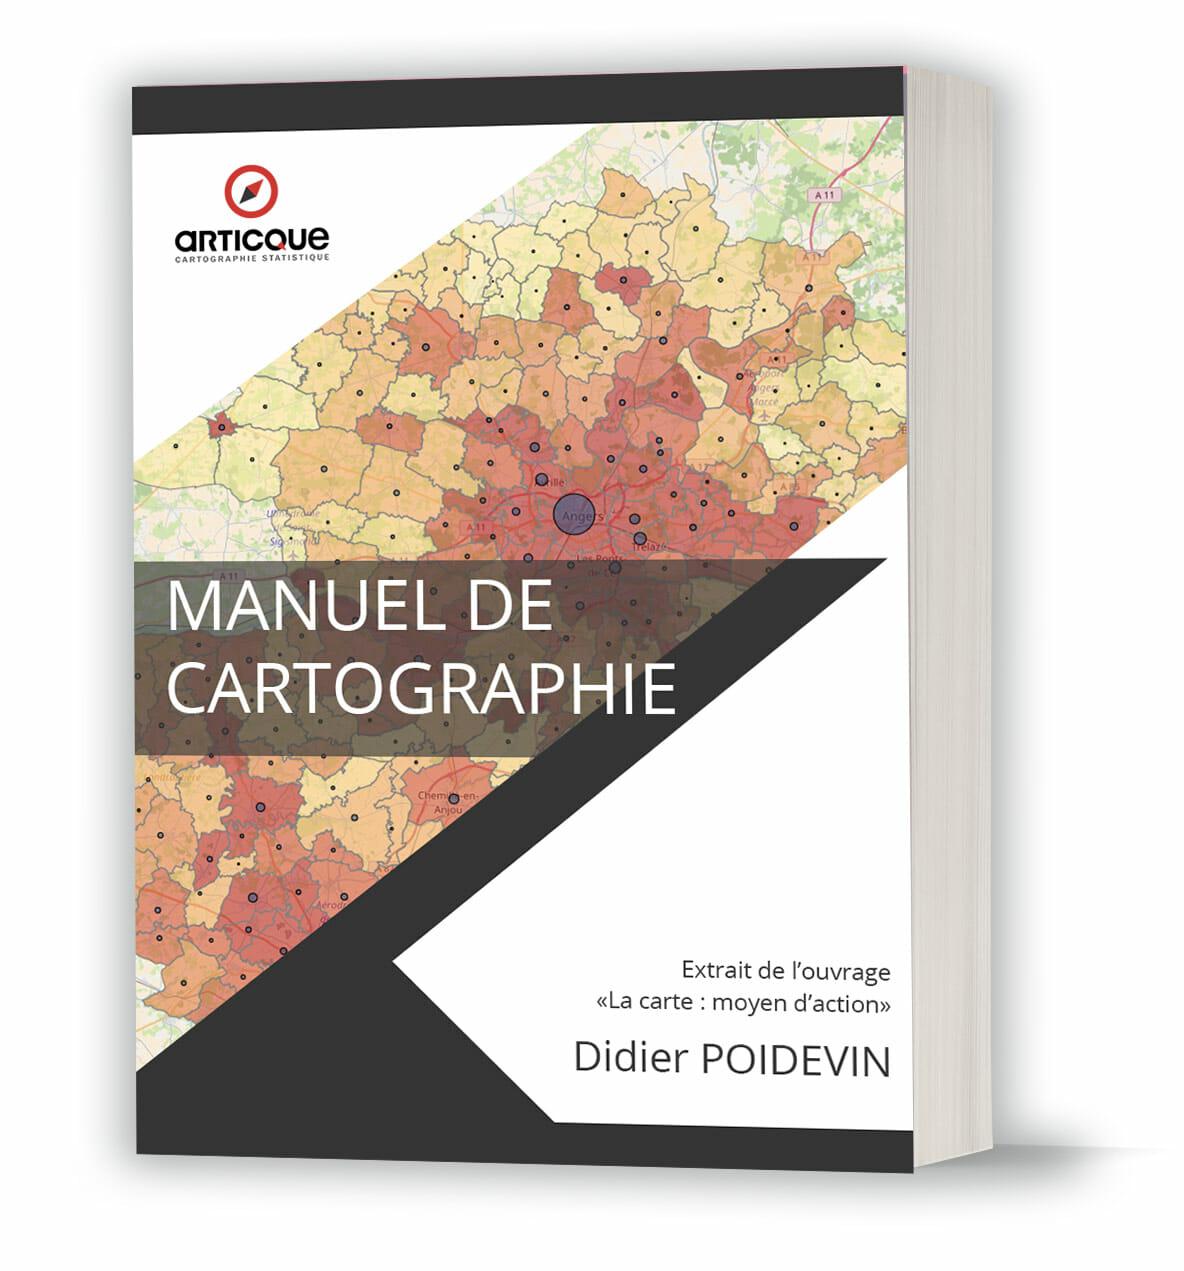 Le manuel de cartographie par didier poidevin